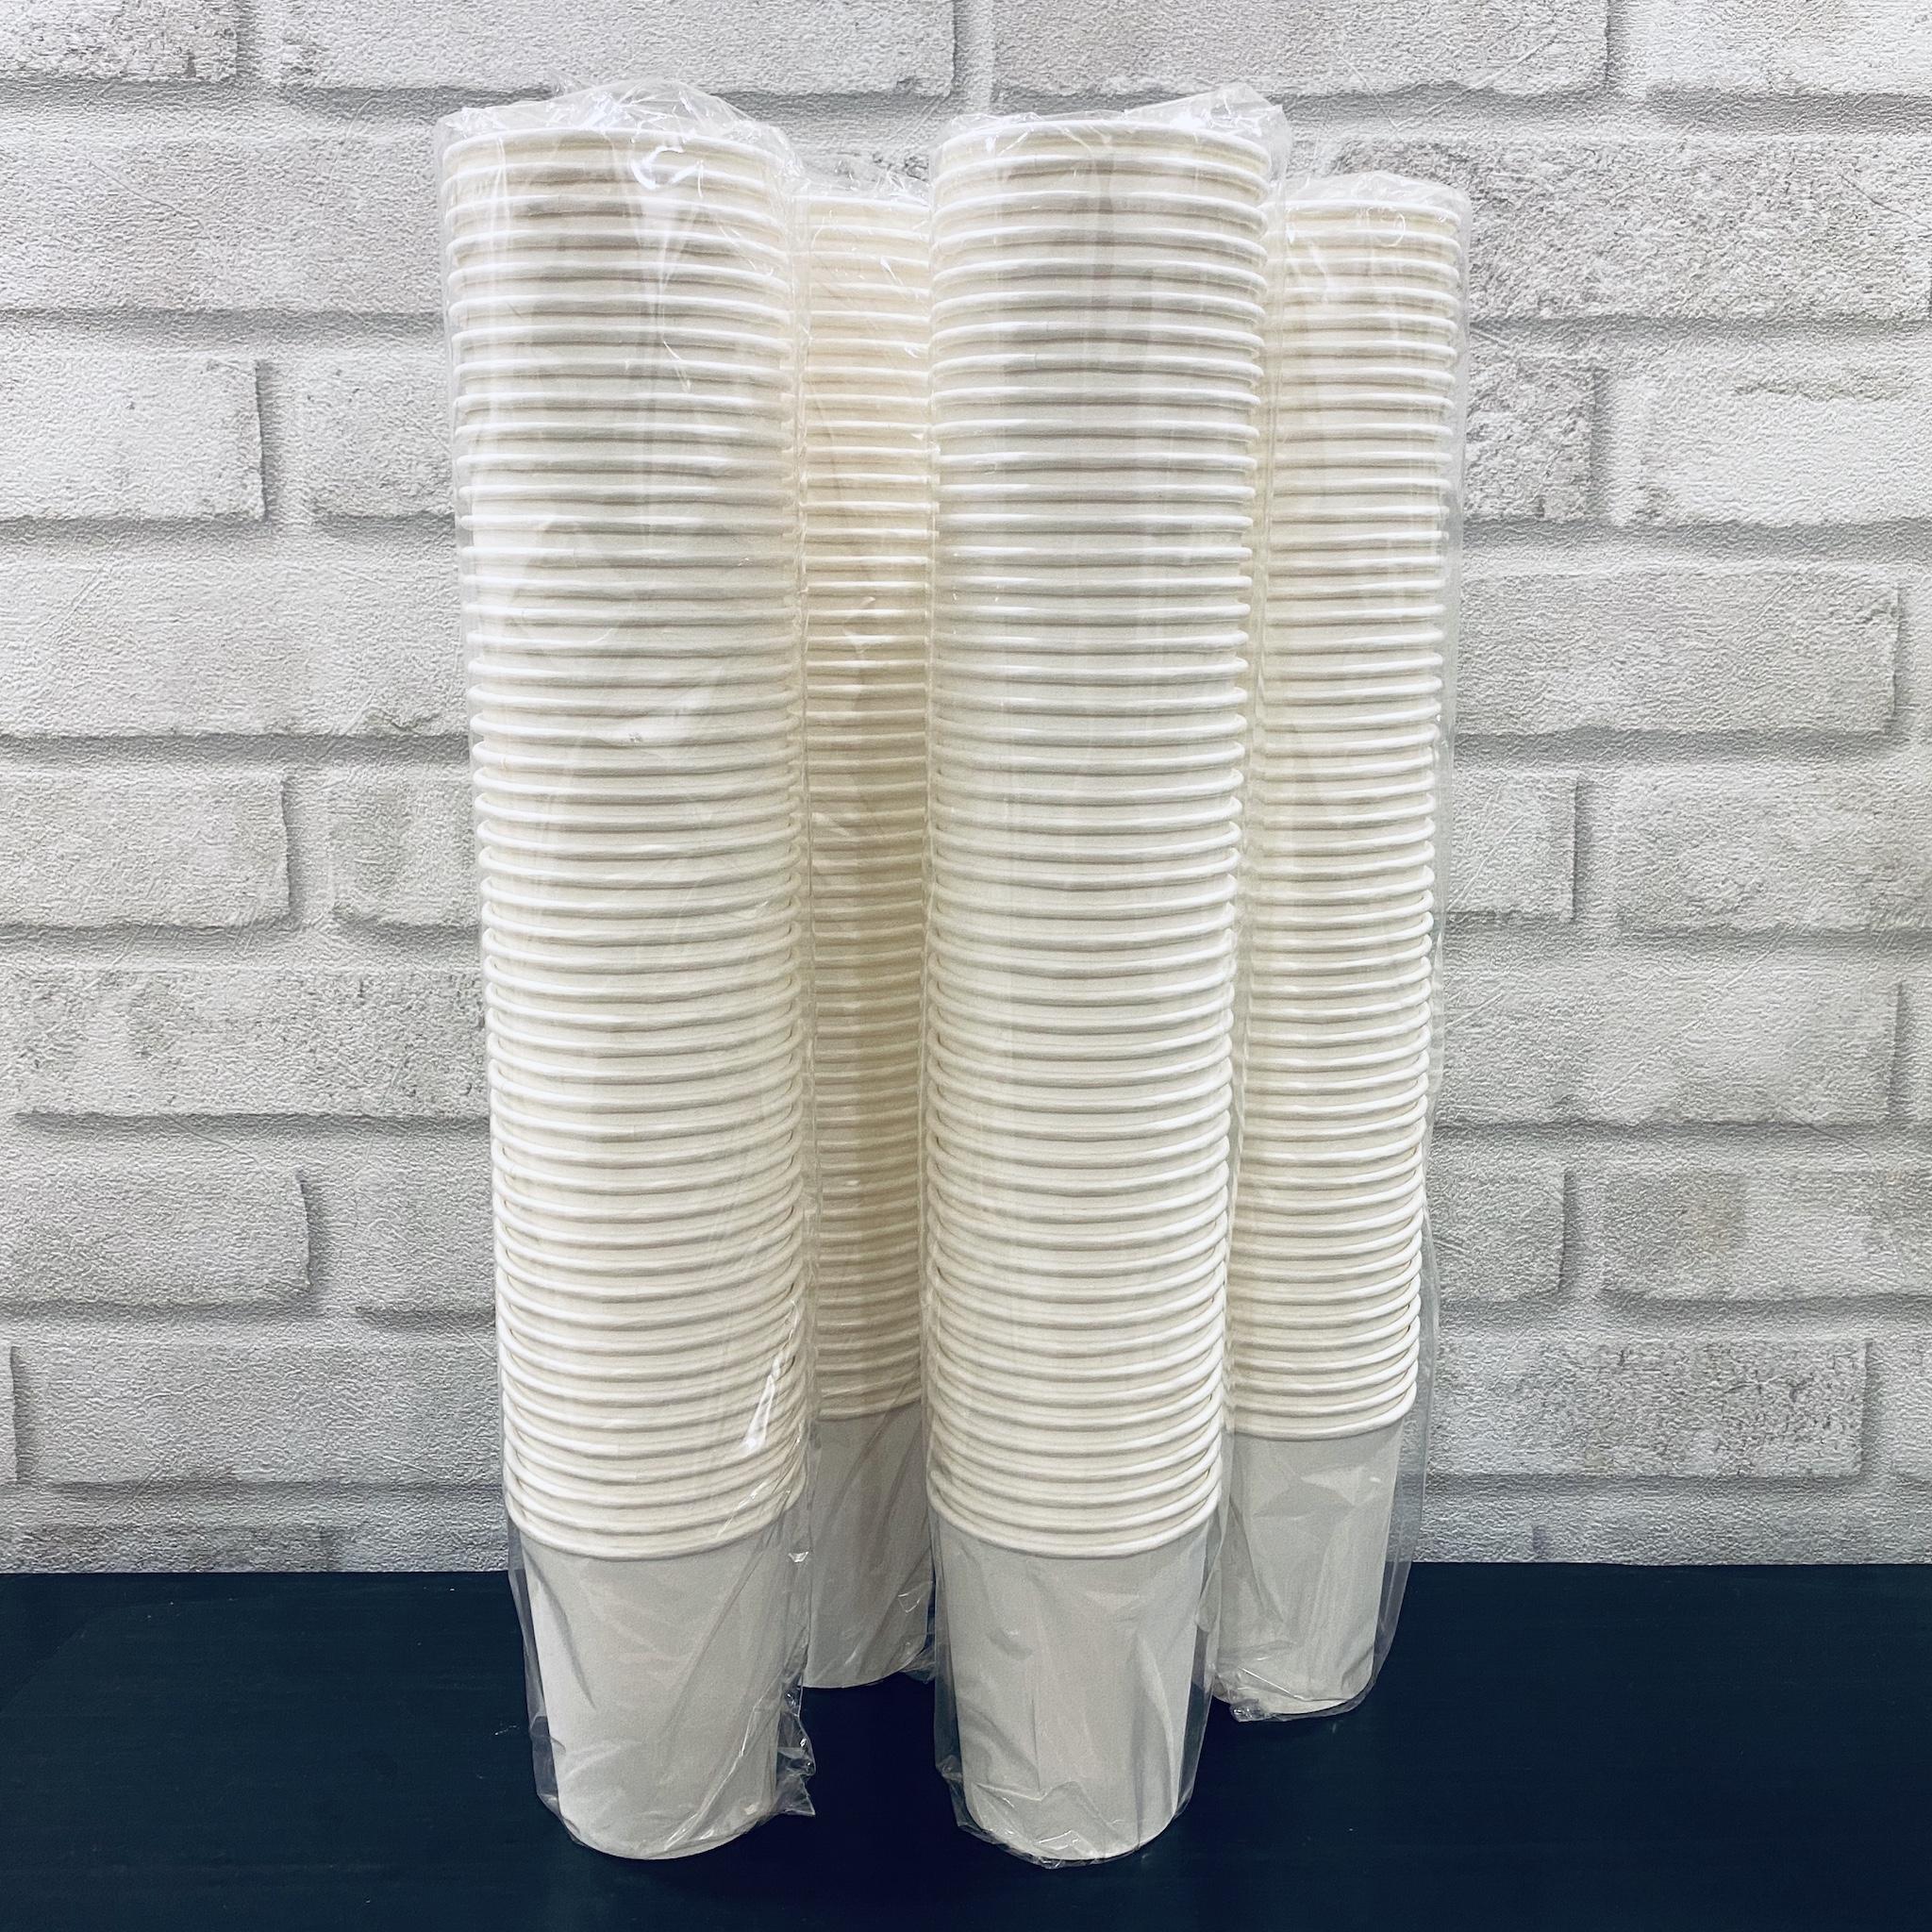 Combo 200 cái ly giấy 8oz 240ml, không kèm nắp, dùng uống nước một lần, trà cà phê